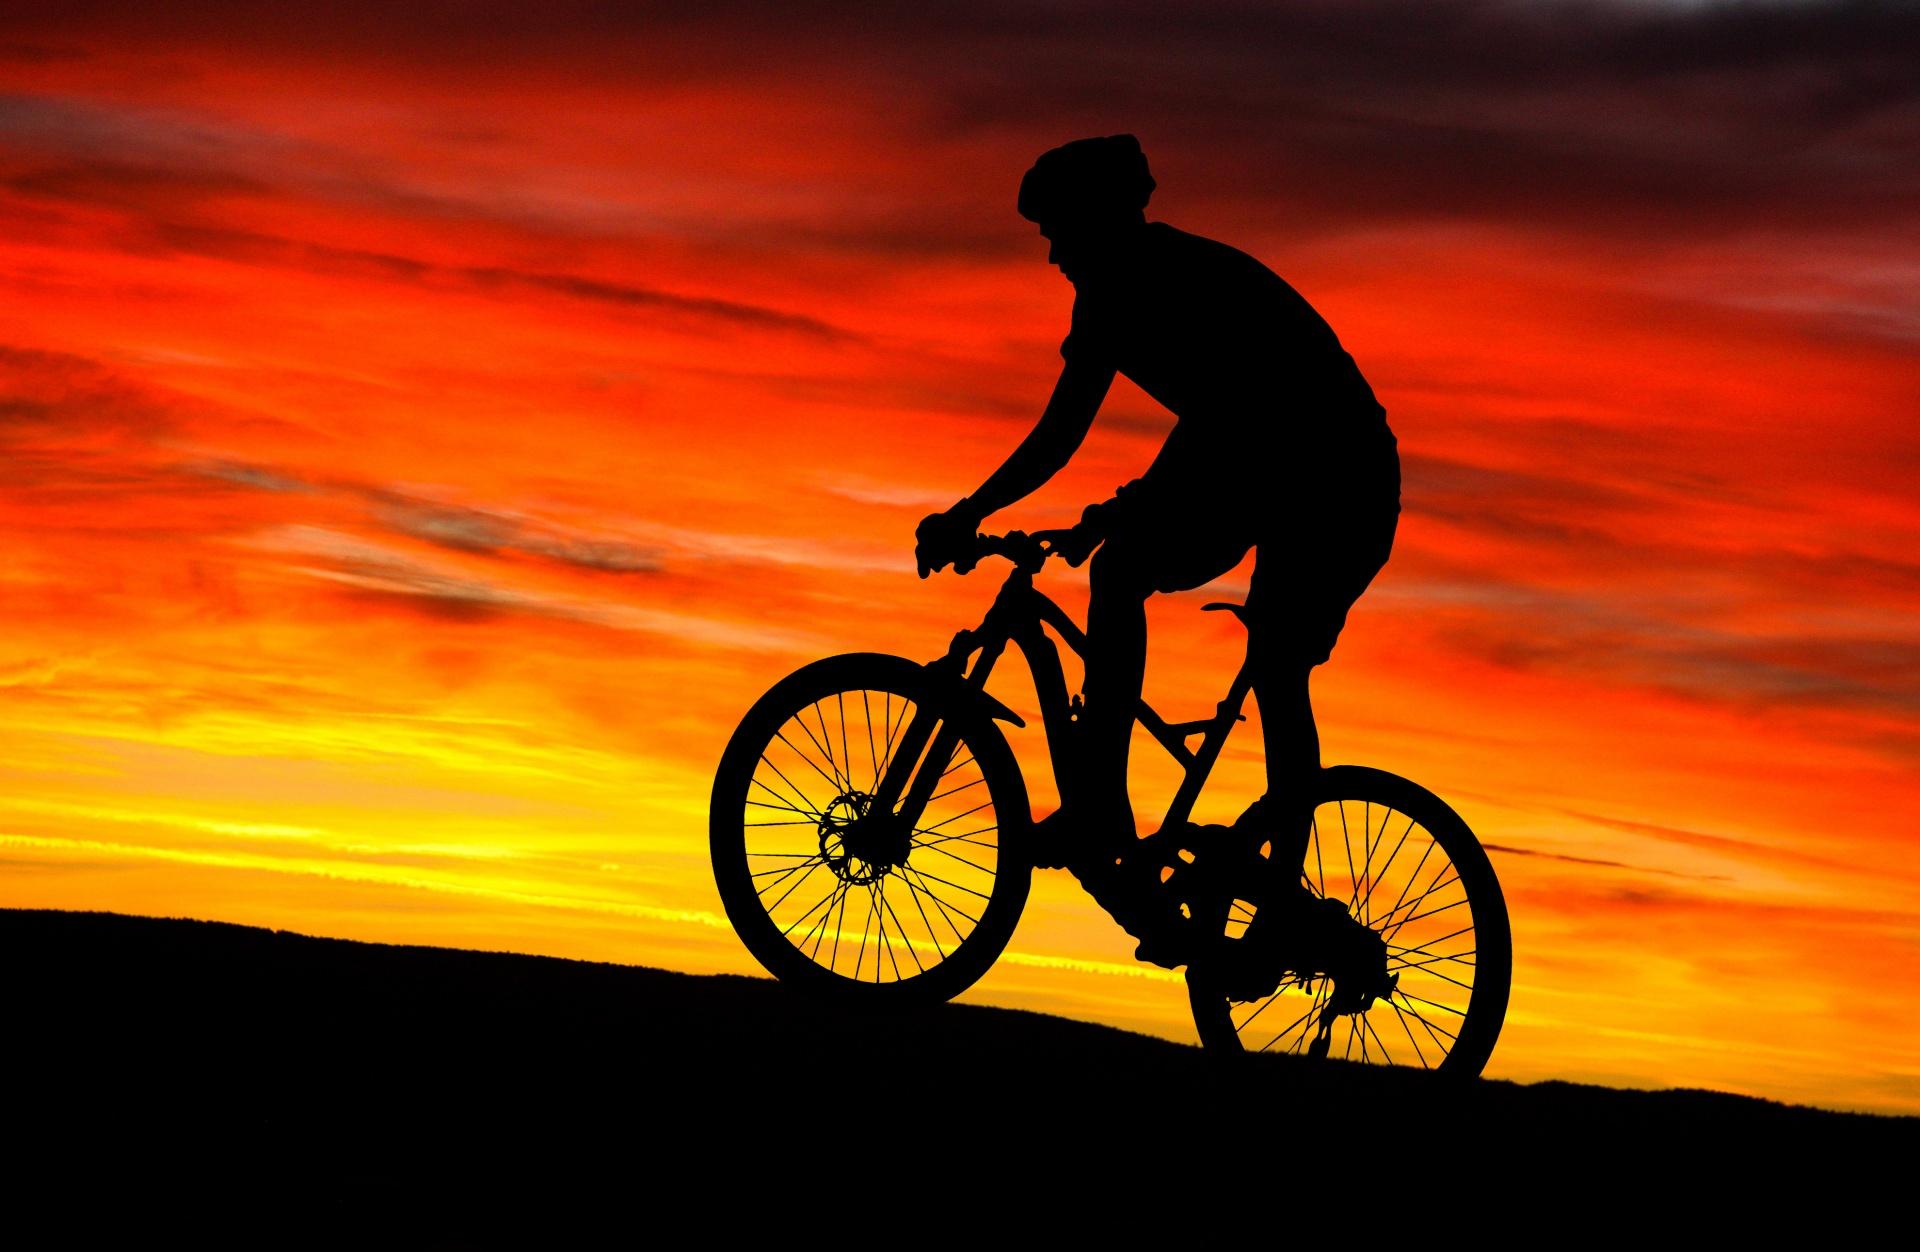 Правила, которые надо знать велосипедисту, чтобы не получить штраф в 2020 году